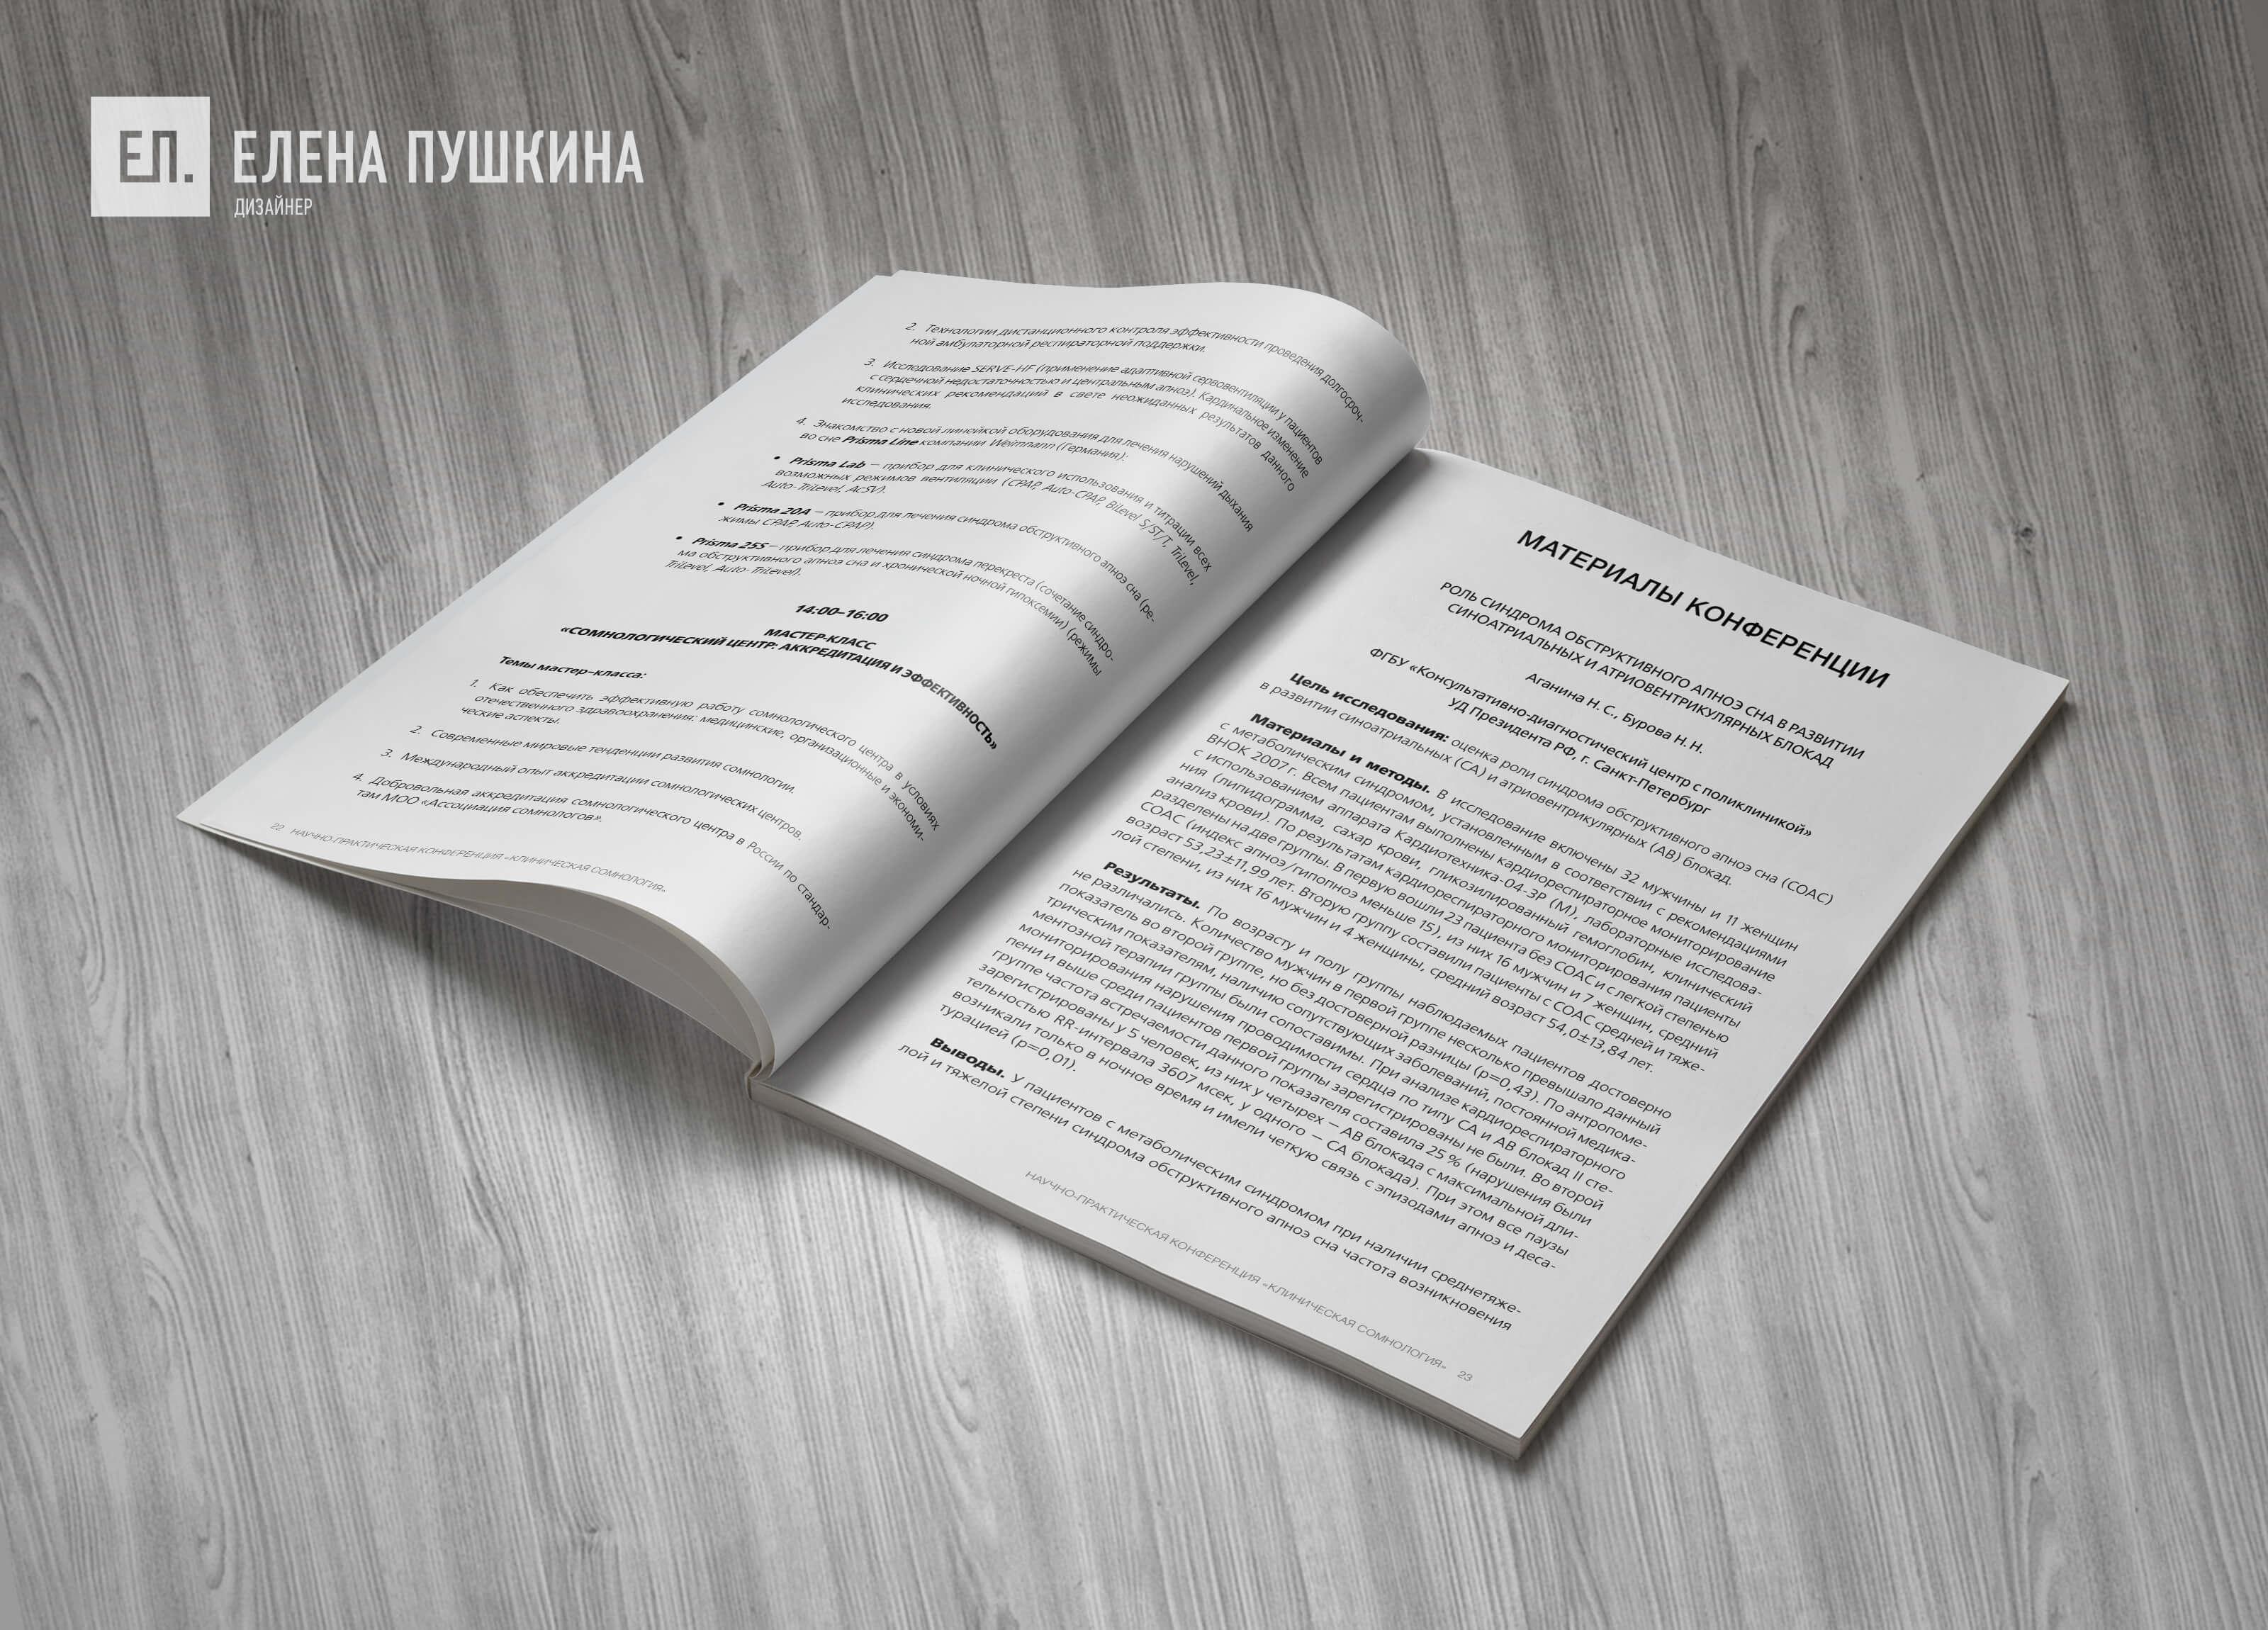 Сборник материалов конференции «Клиническая сомнология»— дизайн с«нуля» обложки, макета, инфографики ивёрстка брошюры Дизайн брошюр, буклетов Портфолио